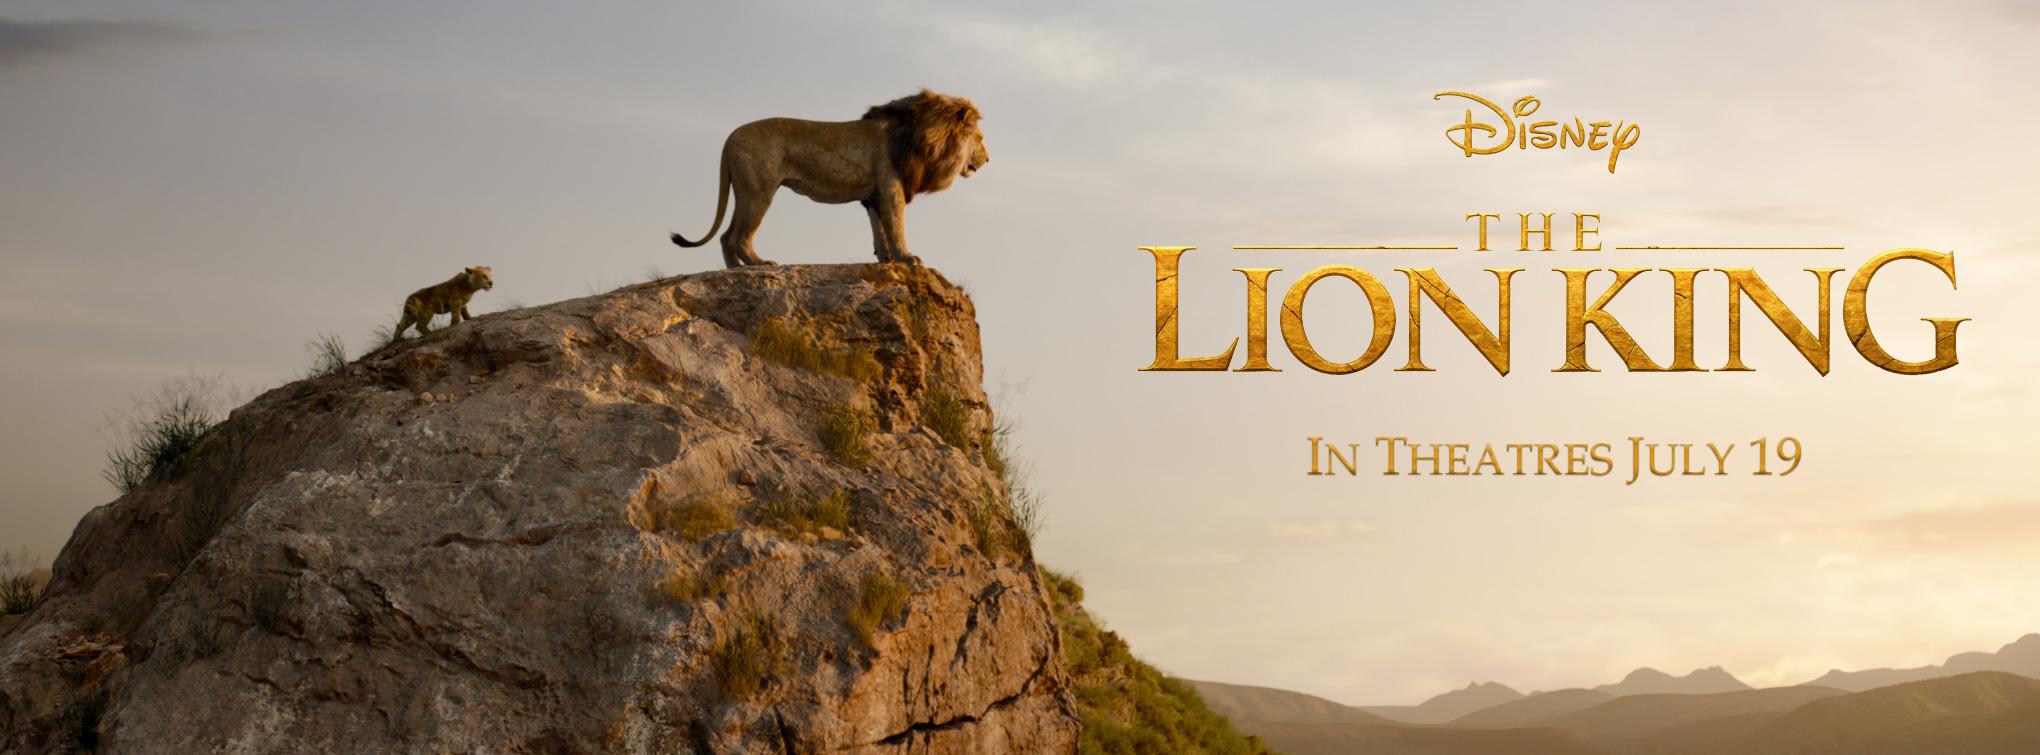 Slider image for The Lion King